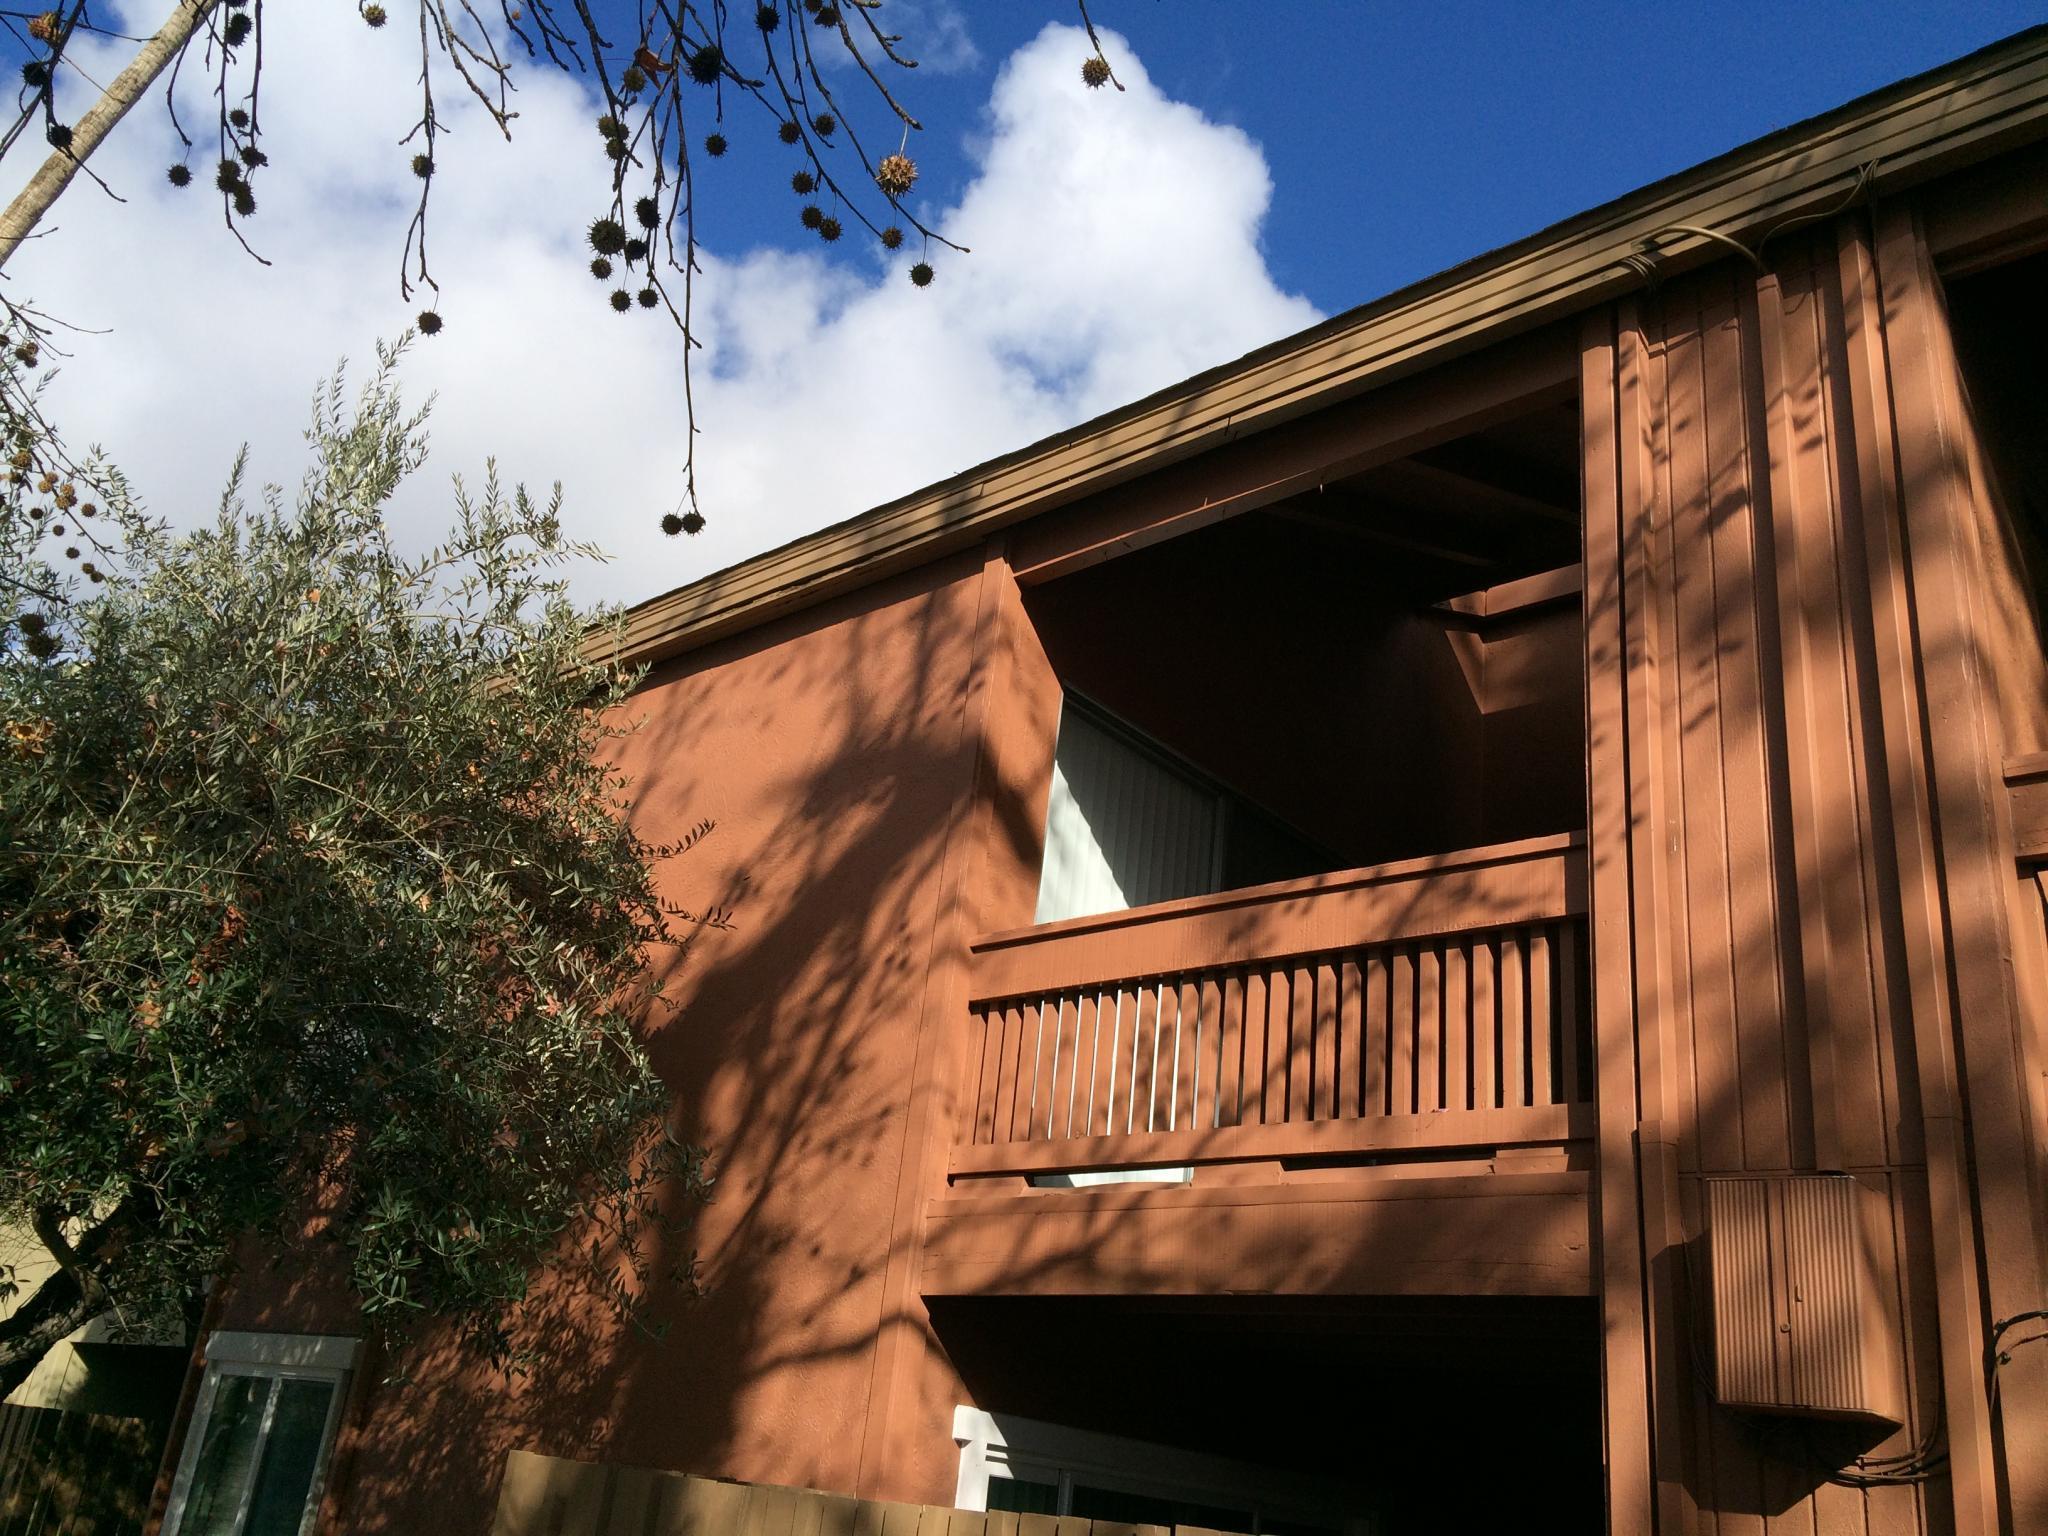 810 Oak Grove Rd #106, Concord, CA 94518 For Rent | Trulia